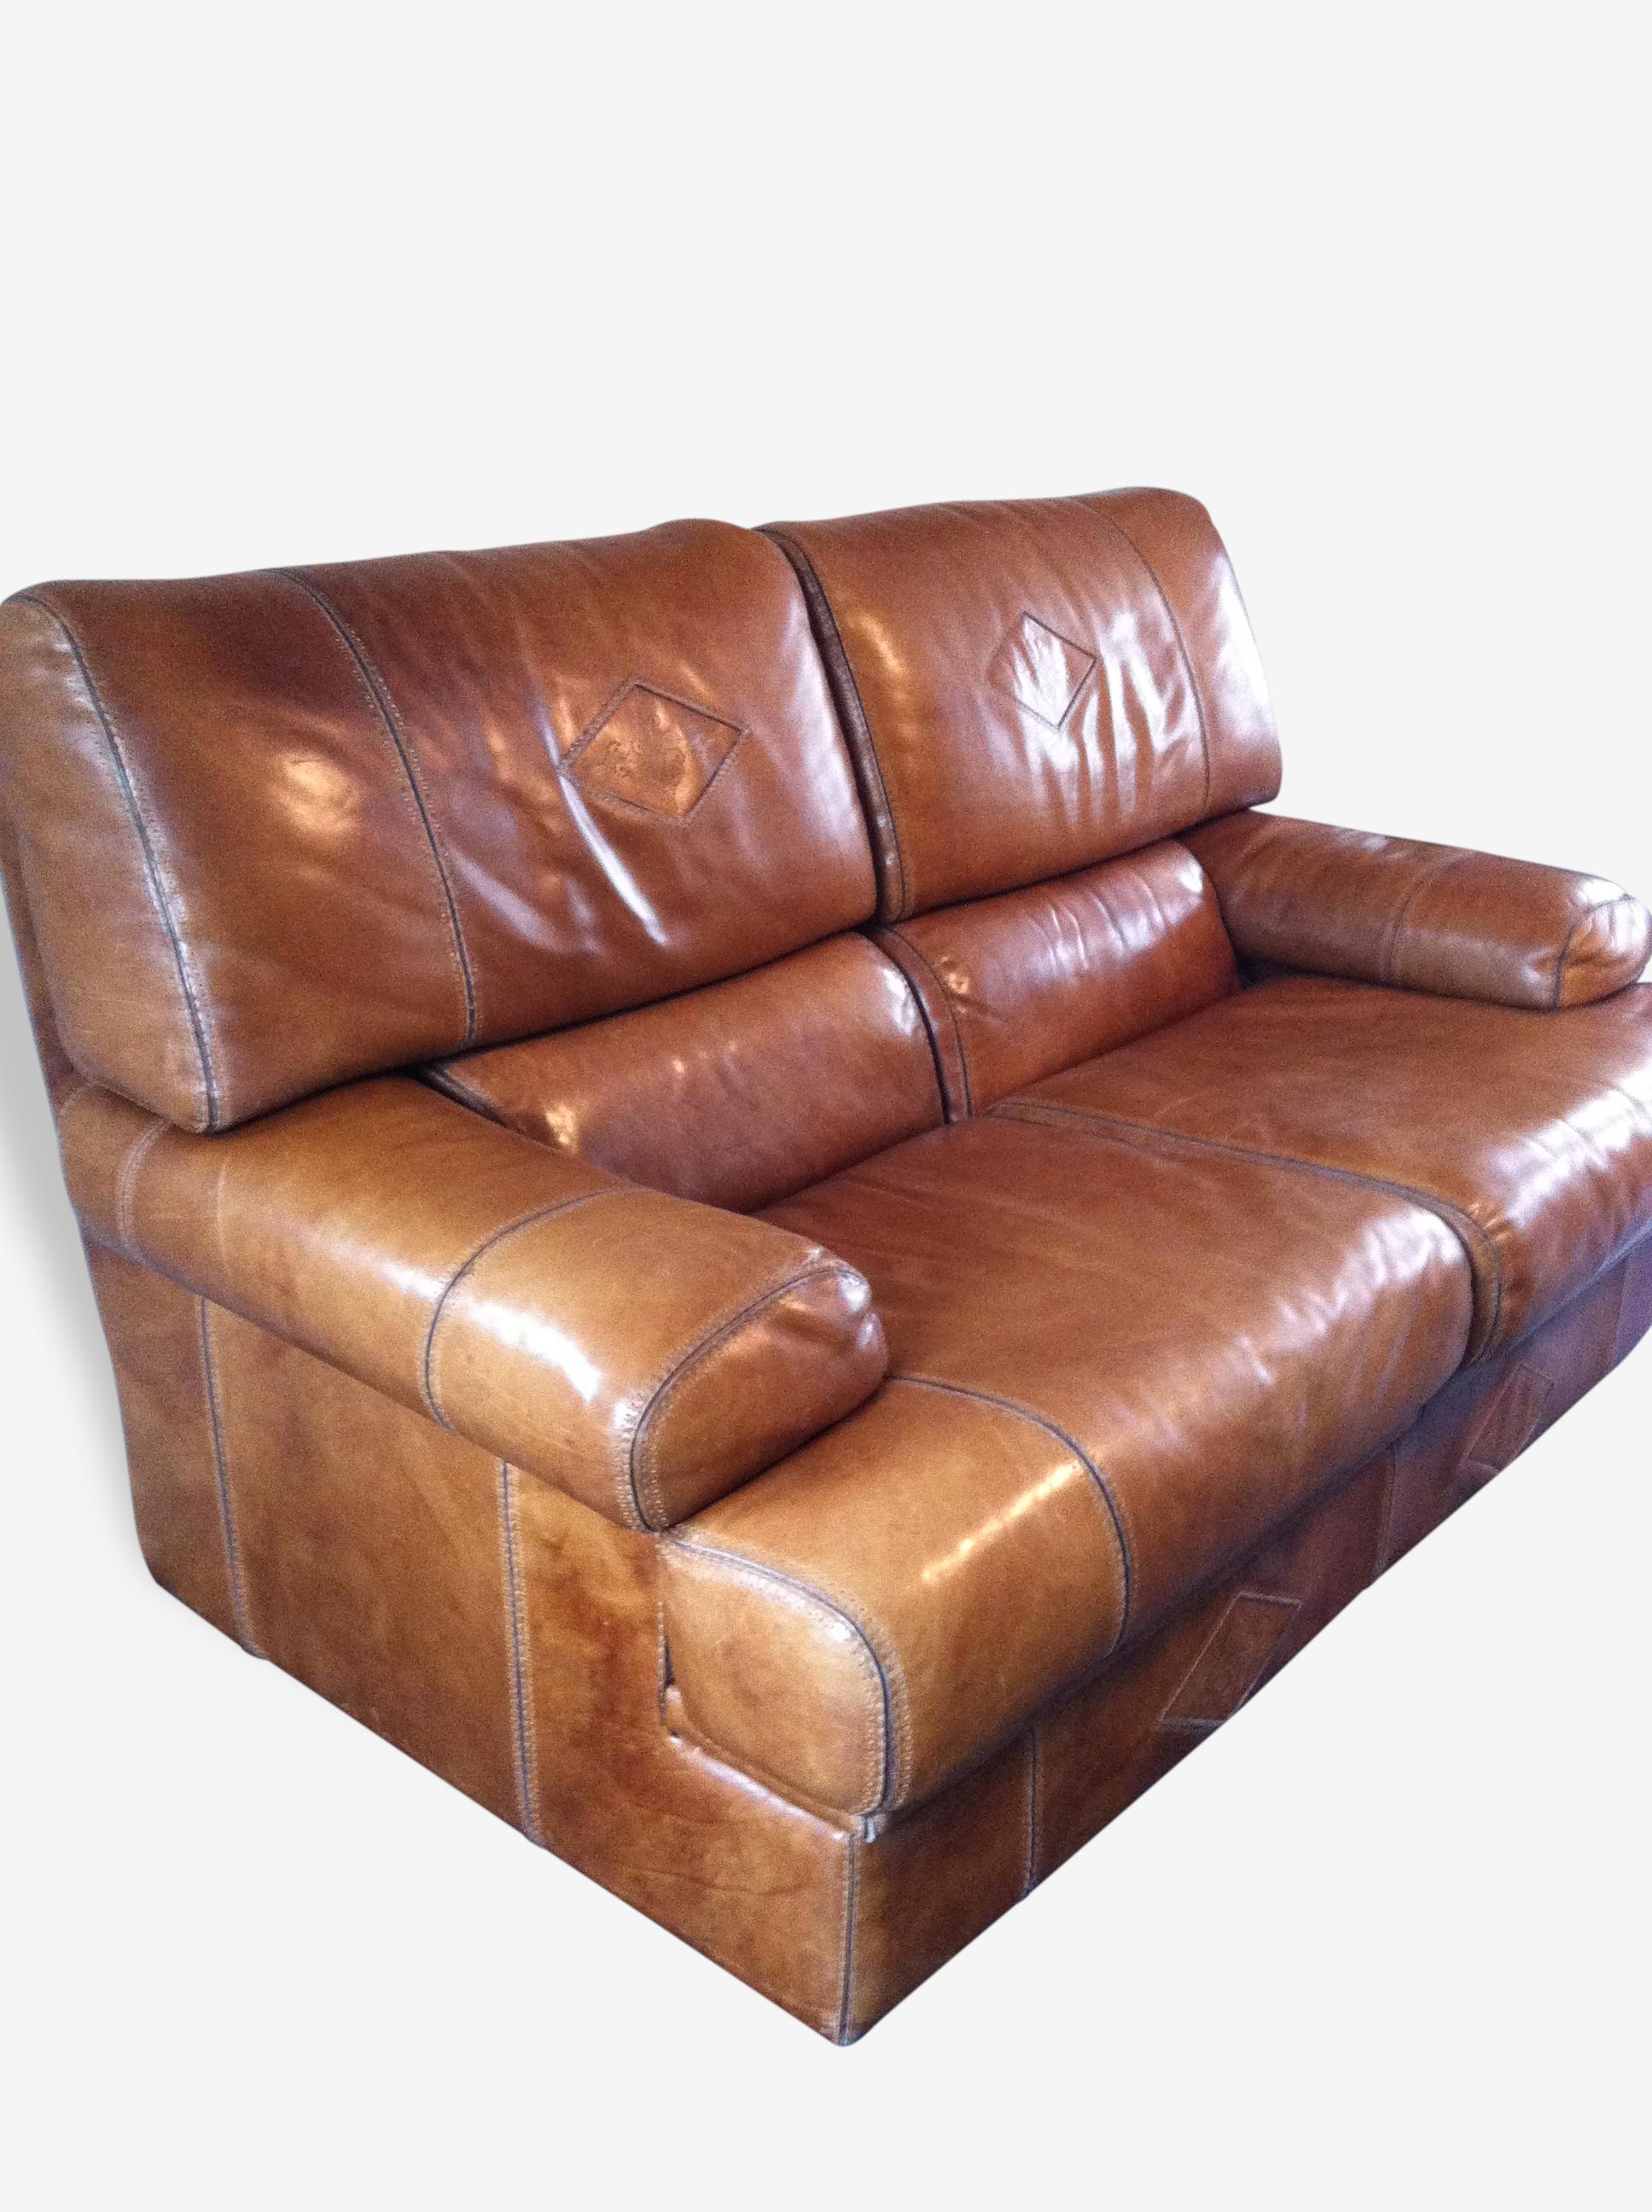 Canapé cuir marron glacé clair cuir marron vintage